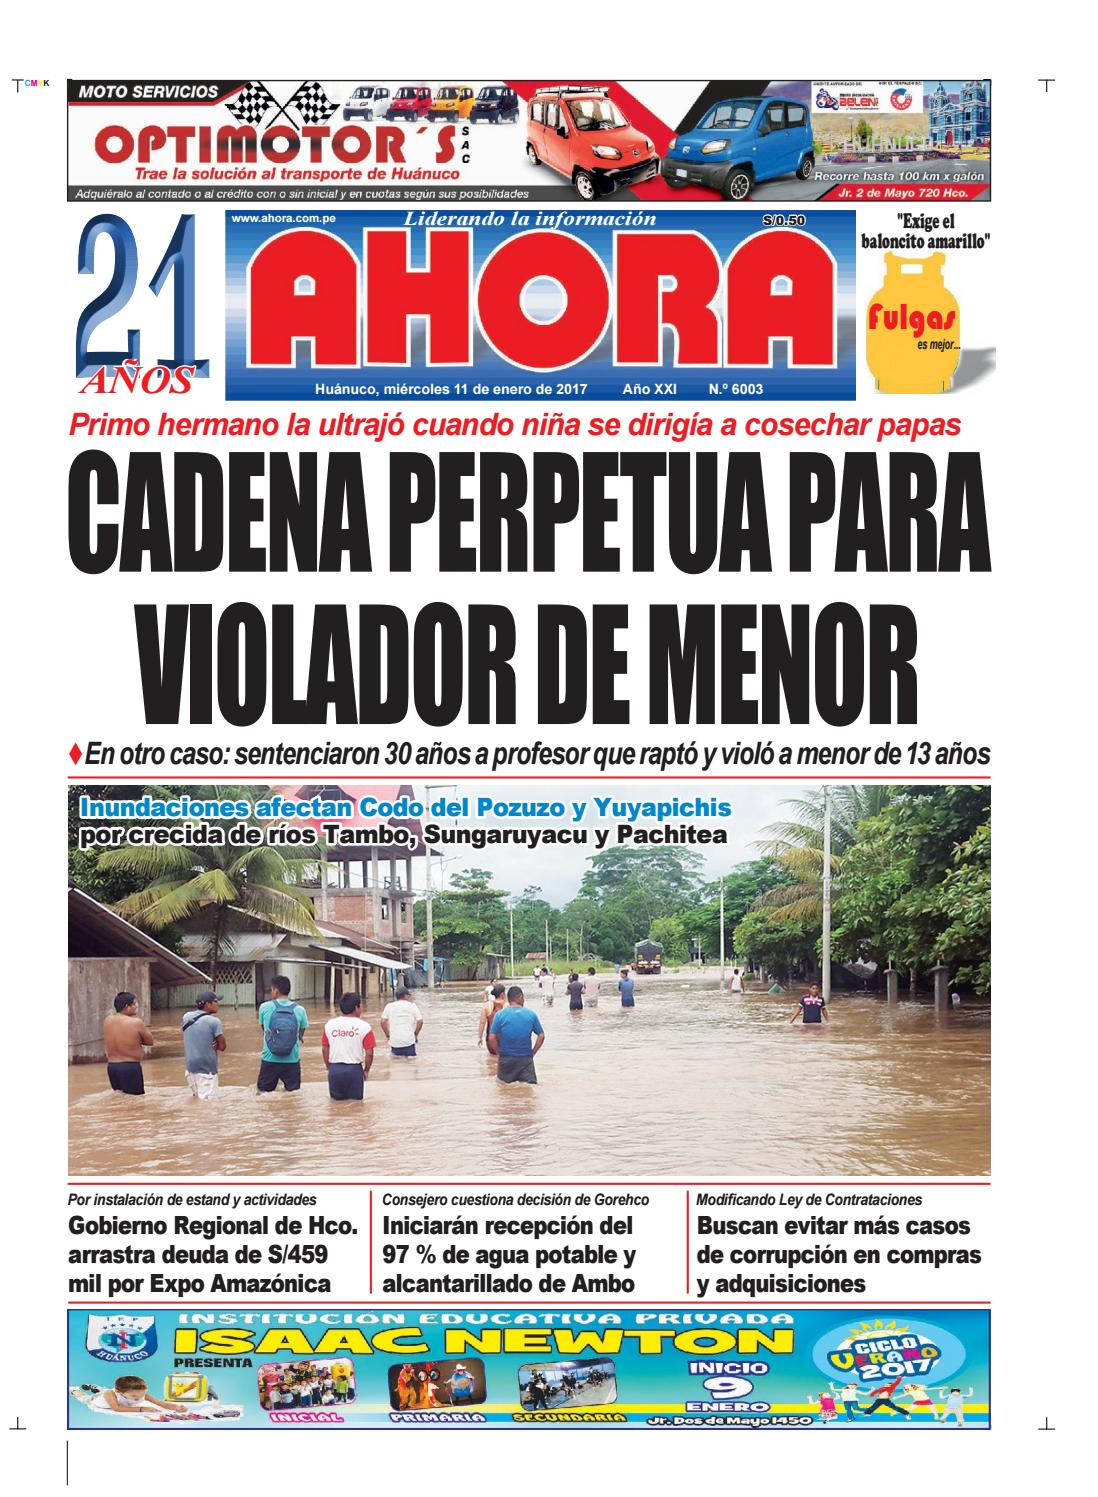 Edición diario ahora 11 01 2017 by Diario Ahora Huánuco - issuu